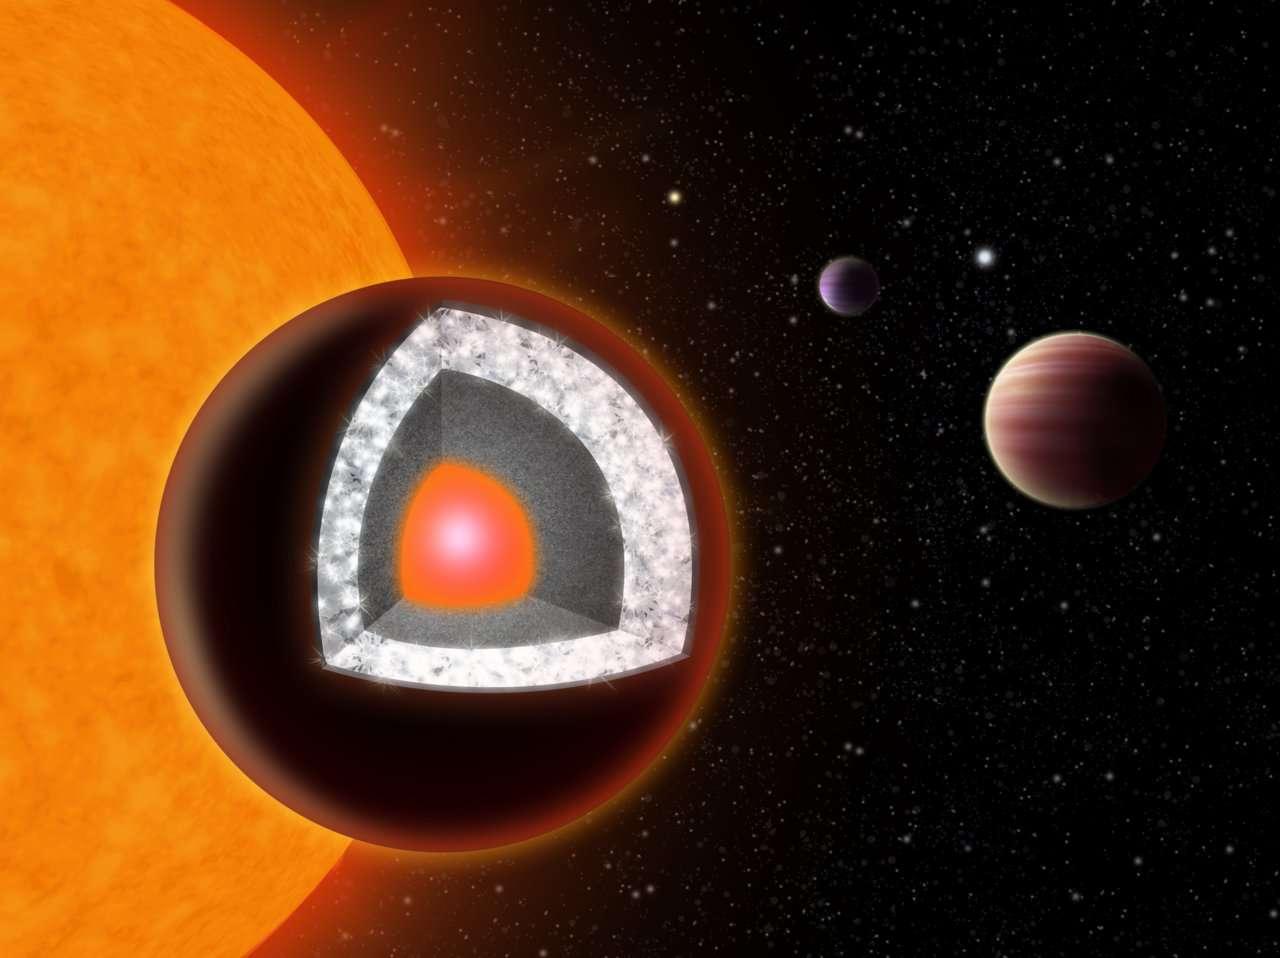 L'exoplanète 55 Cancri e, peut-être. Une surface de graphite y entoure une épaisse couche de diamant, en dessous de laquelle se trouvent une couche de minéraux de silicium et un noyau de fer en fusion. © Haven Giguere